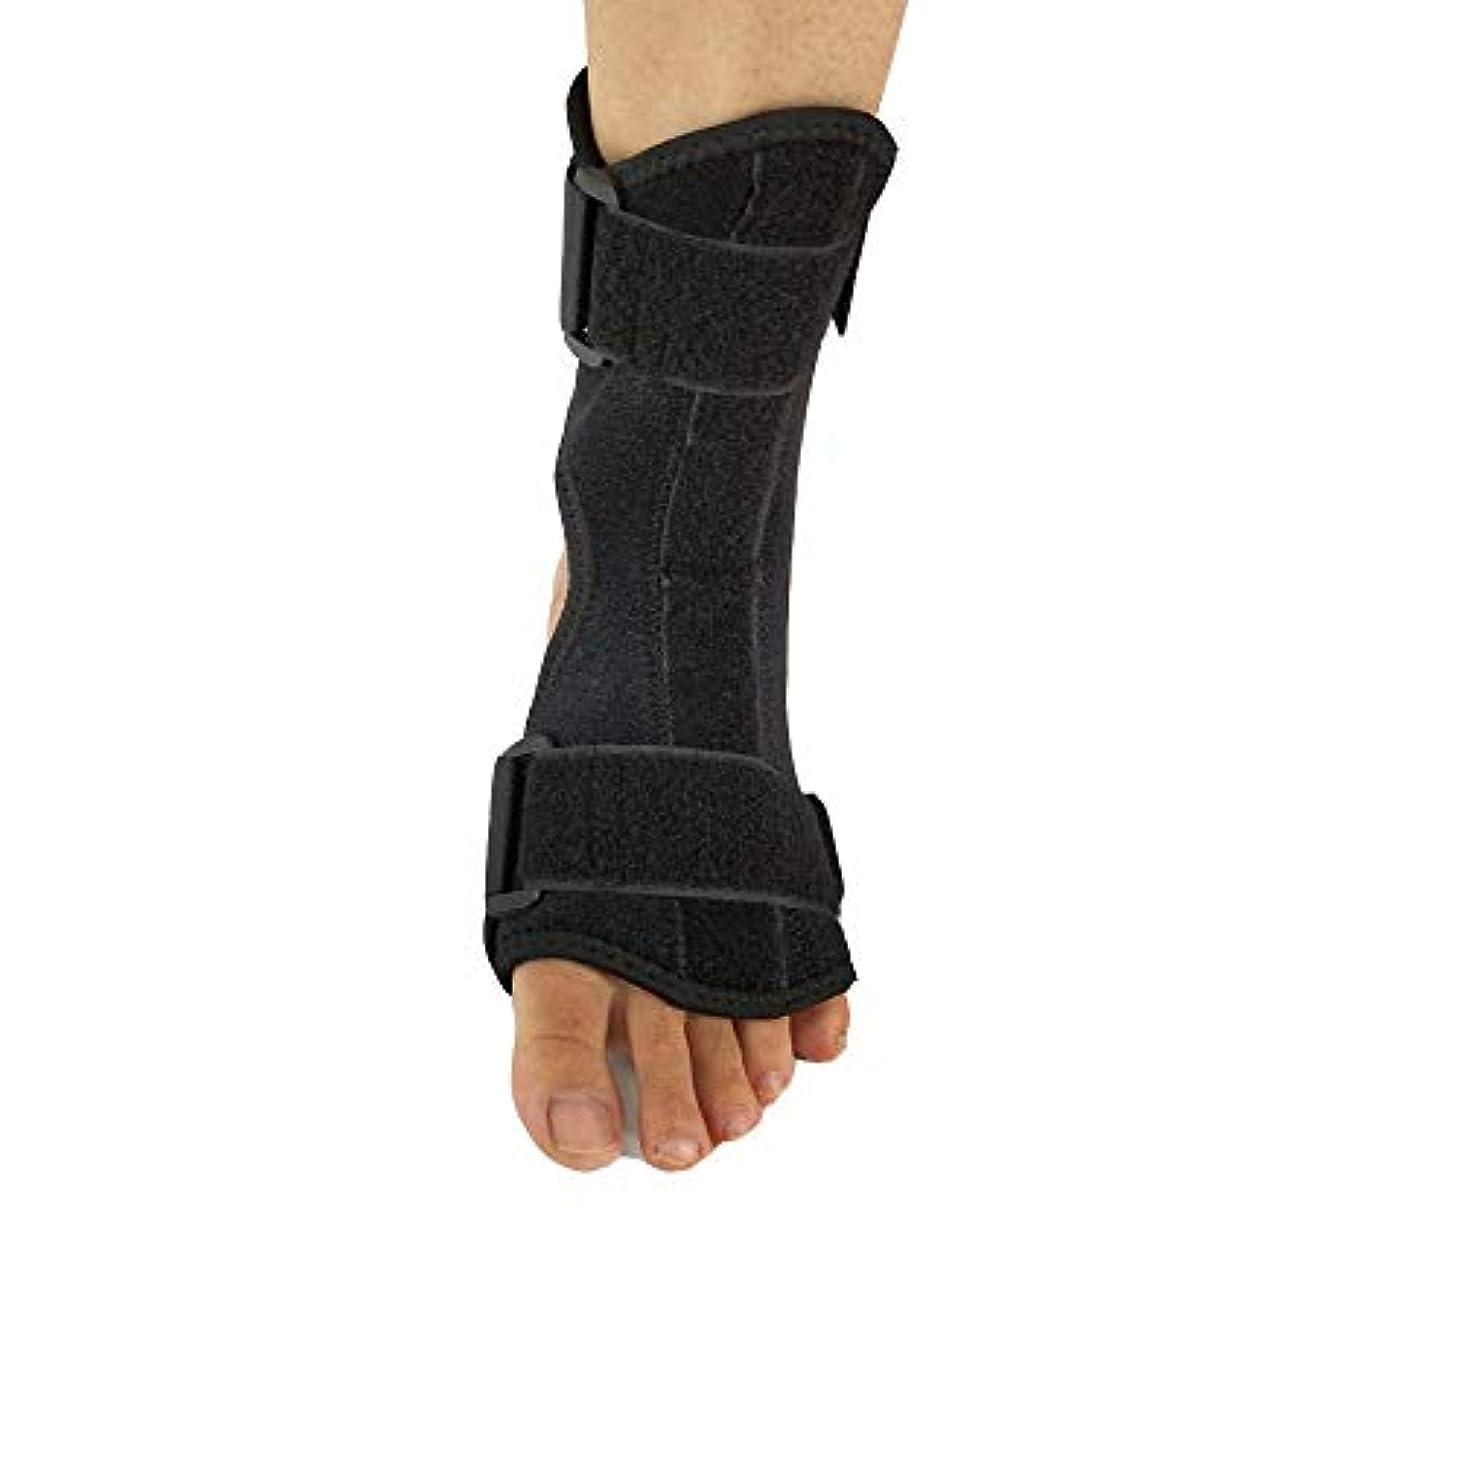 無駄故国スペイン語足首安定器、足首ブレース、足首サポート、スプリントサポート足首矯正装具ブレース、捻rainサポート、緊張、関節炎